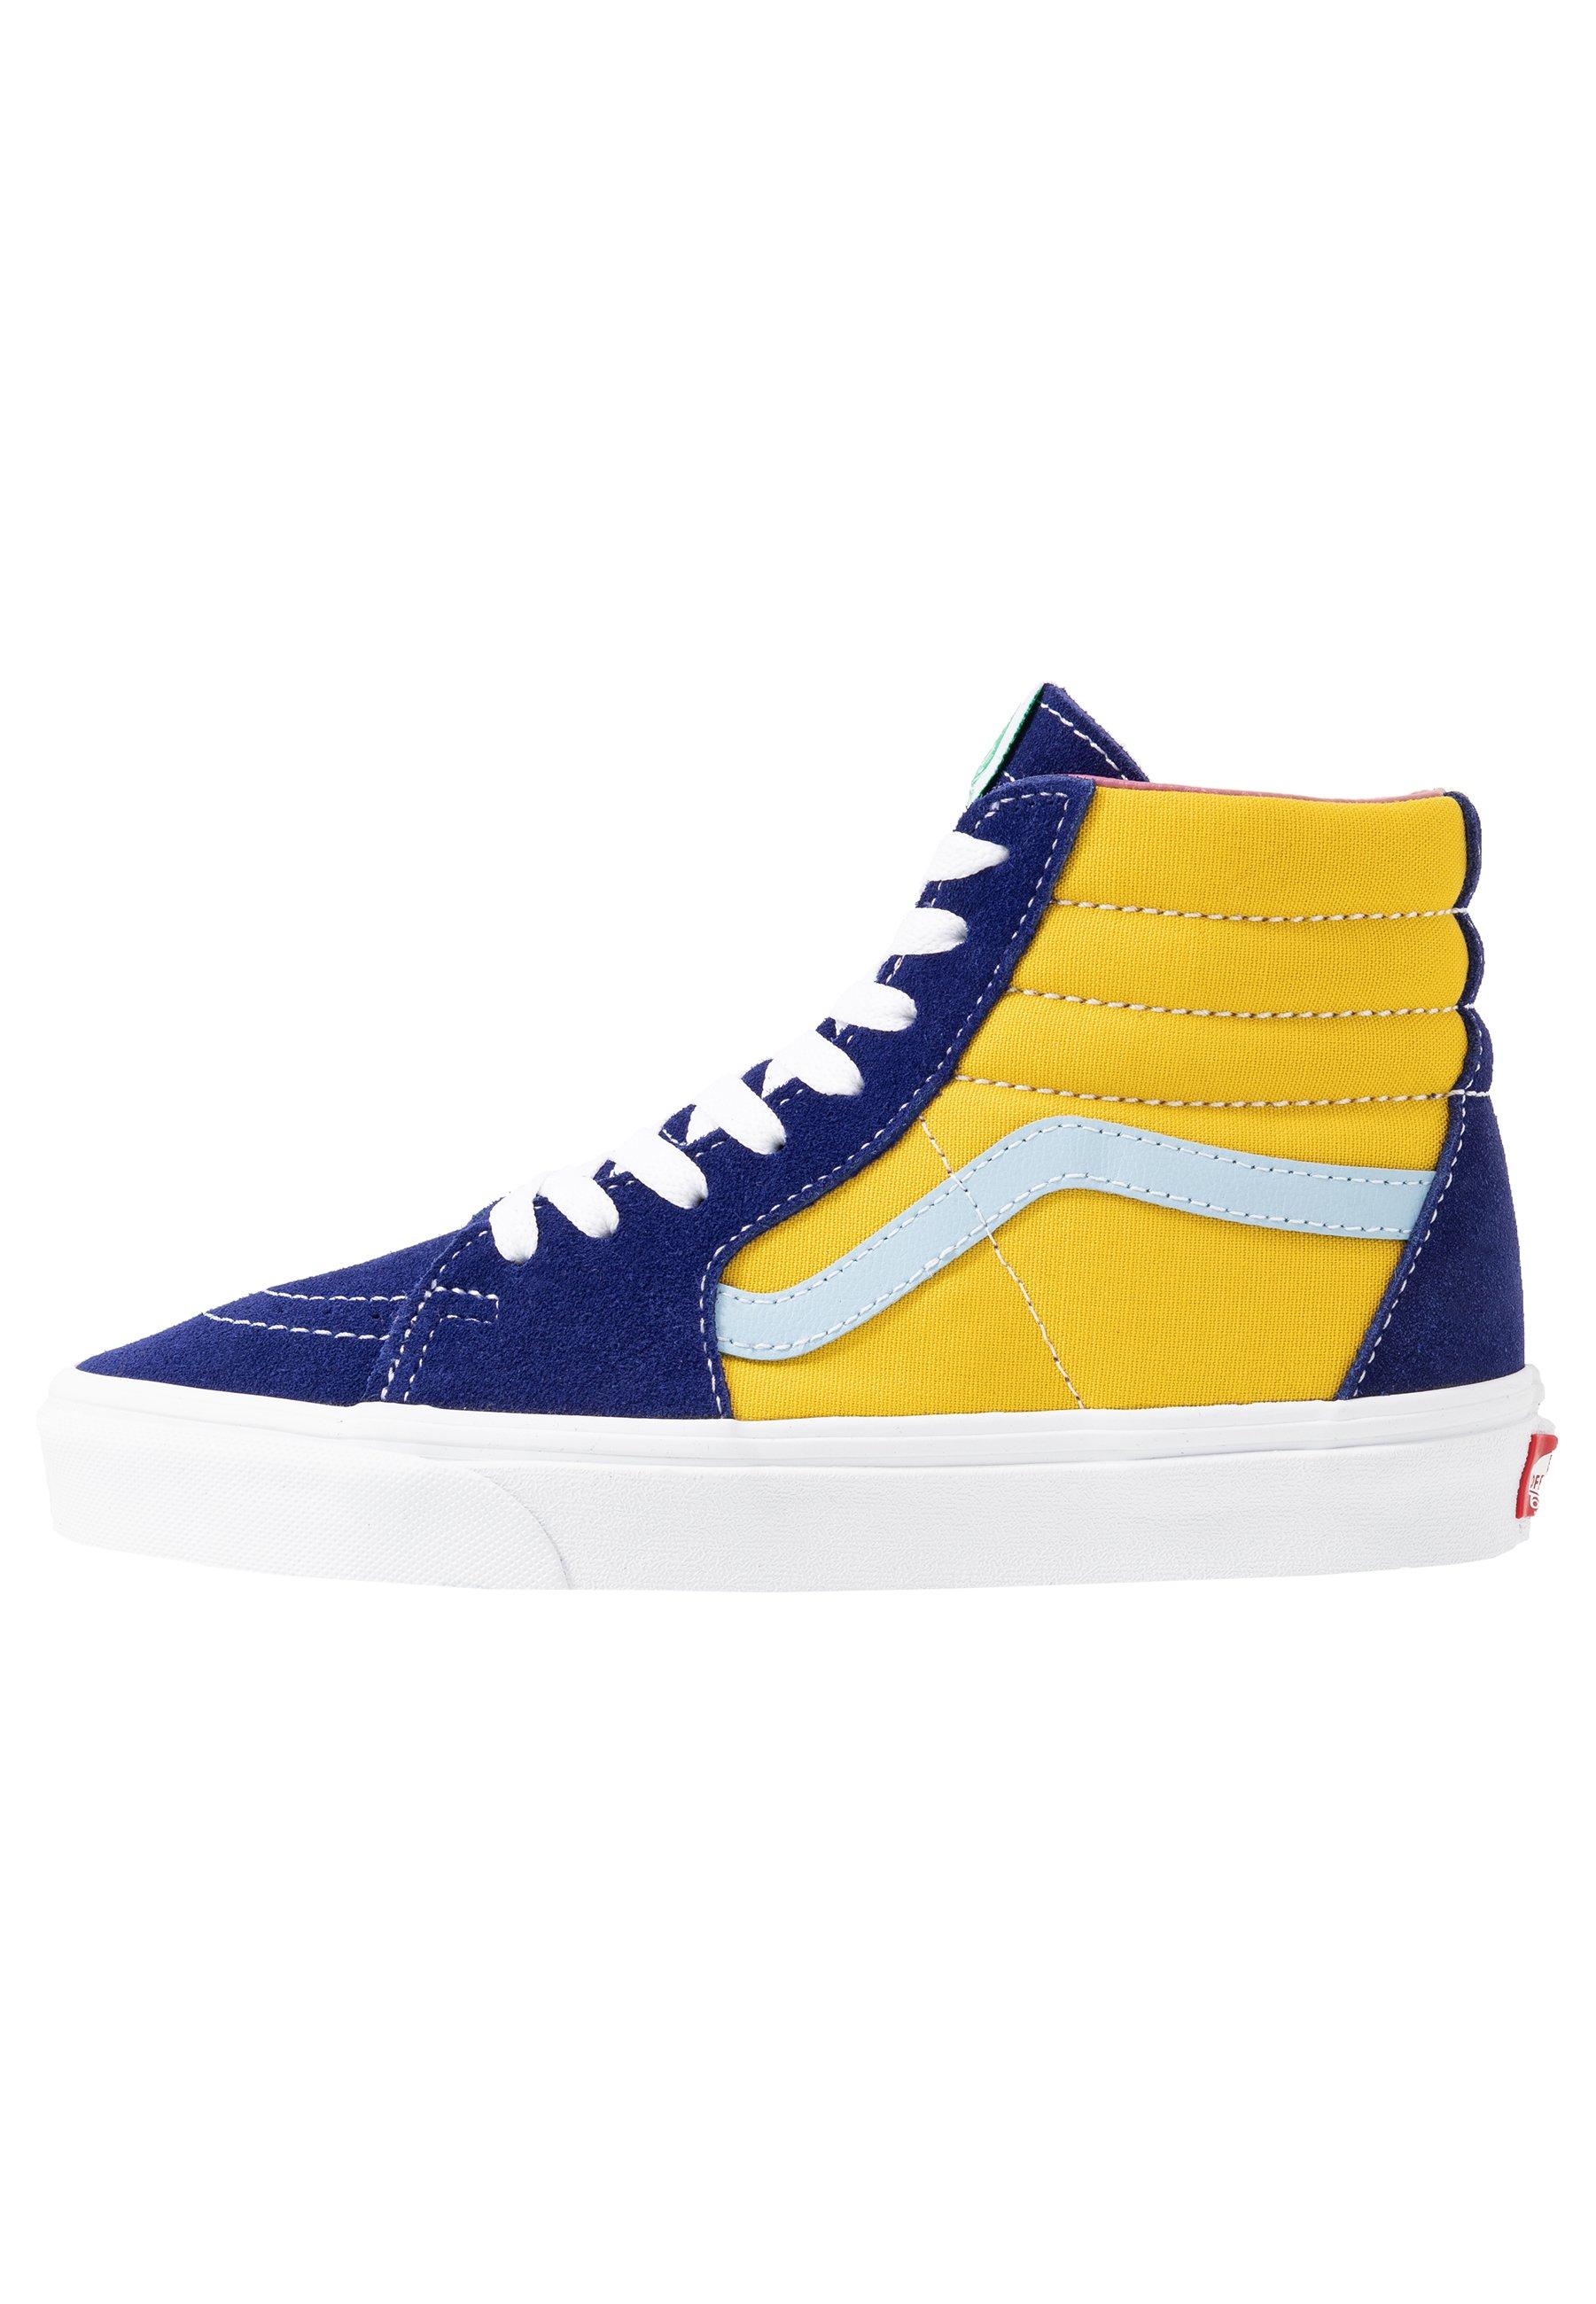 SK8 Sneaker high sunshinemulticolortrue white